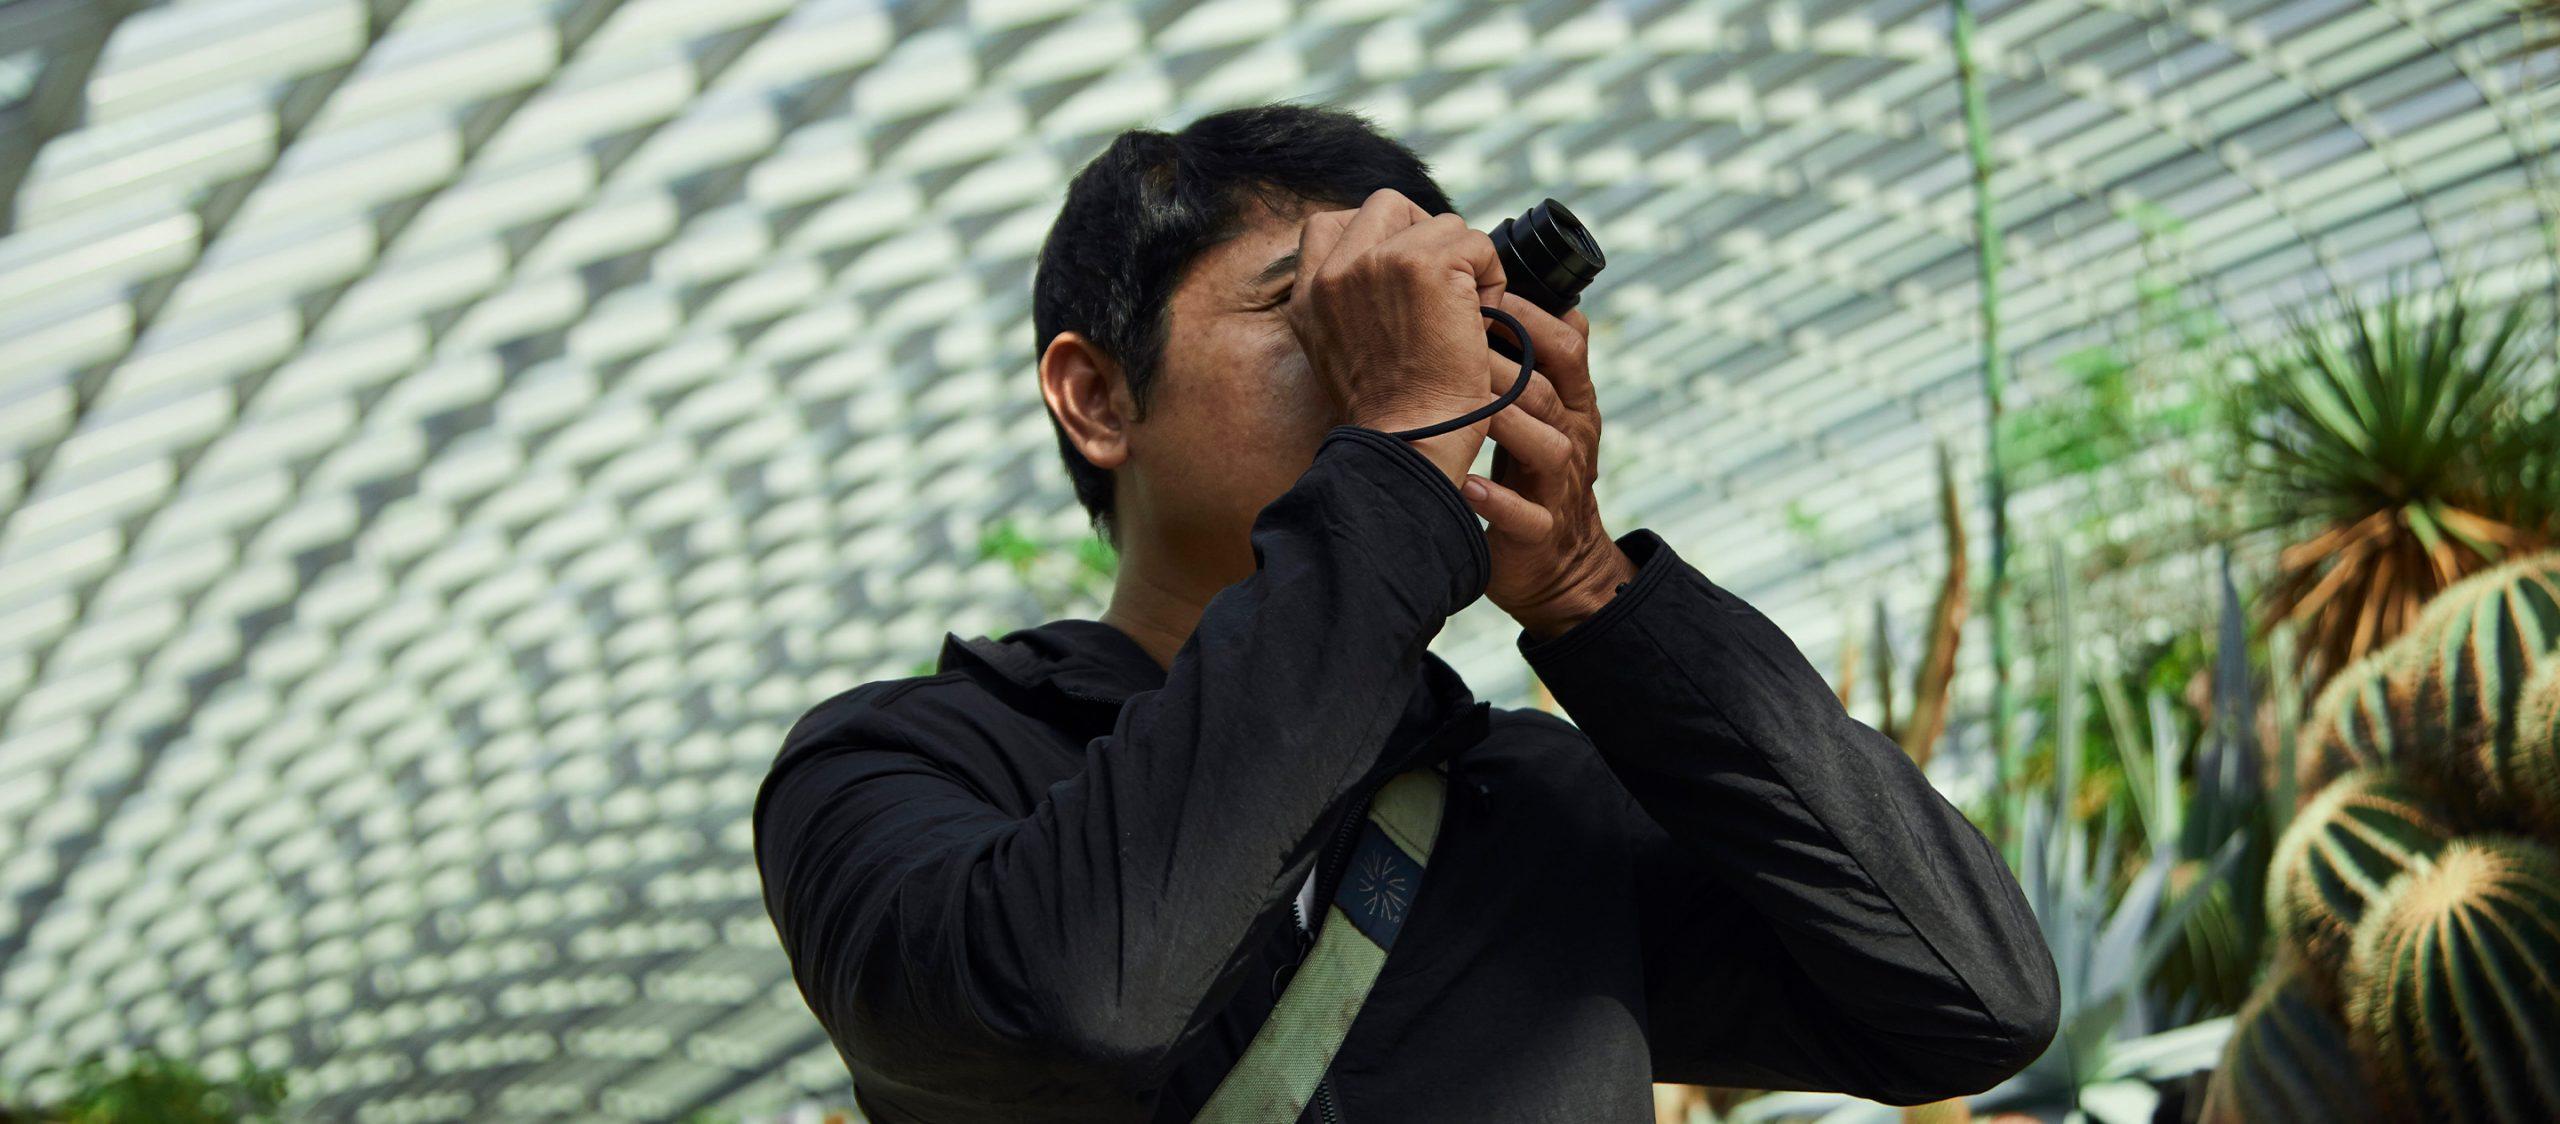 เซตภาพถ่ายนอกแลนด์มาร์กสิงคโปร์ ผ่านมุมกล้องและมุมมองของ 'พิชัย แก้ววิชิต'